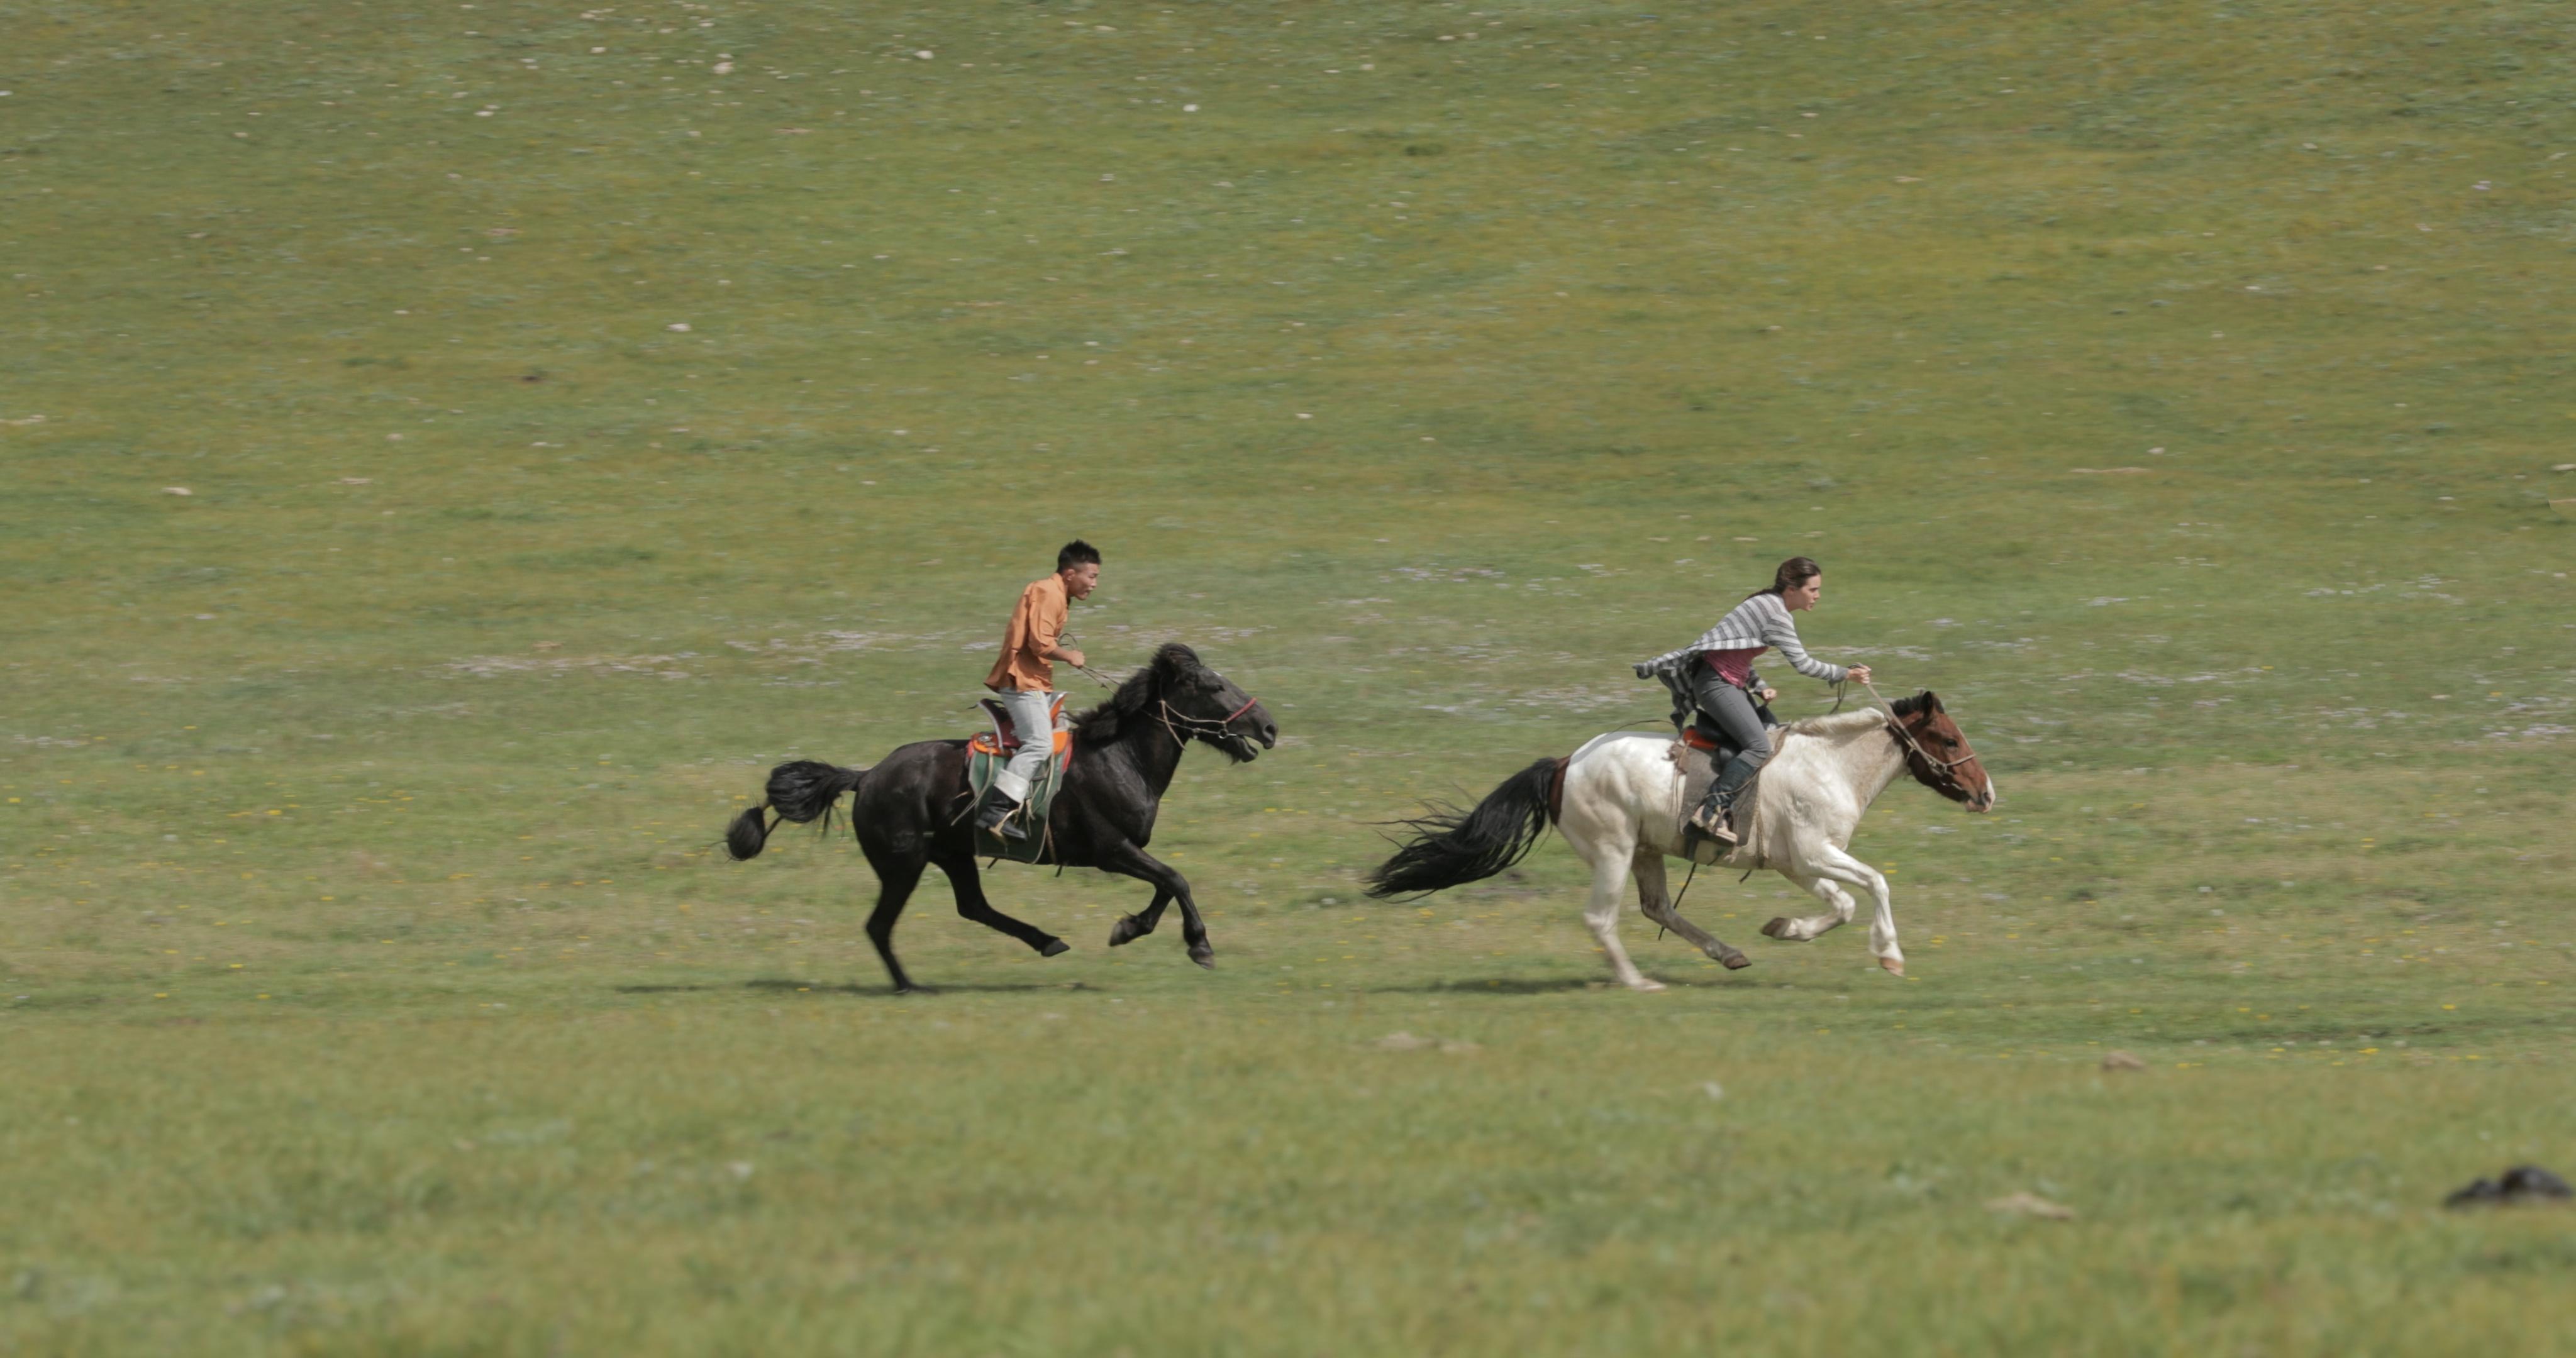 180827_MG-HORSES_1DX-NEUTRAL_008 (21;17;